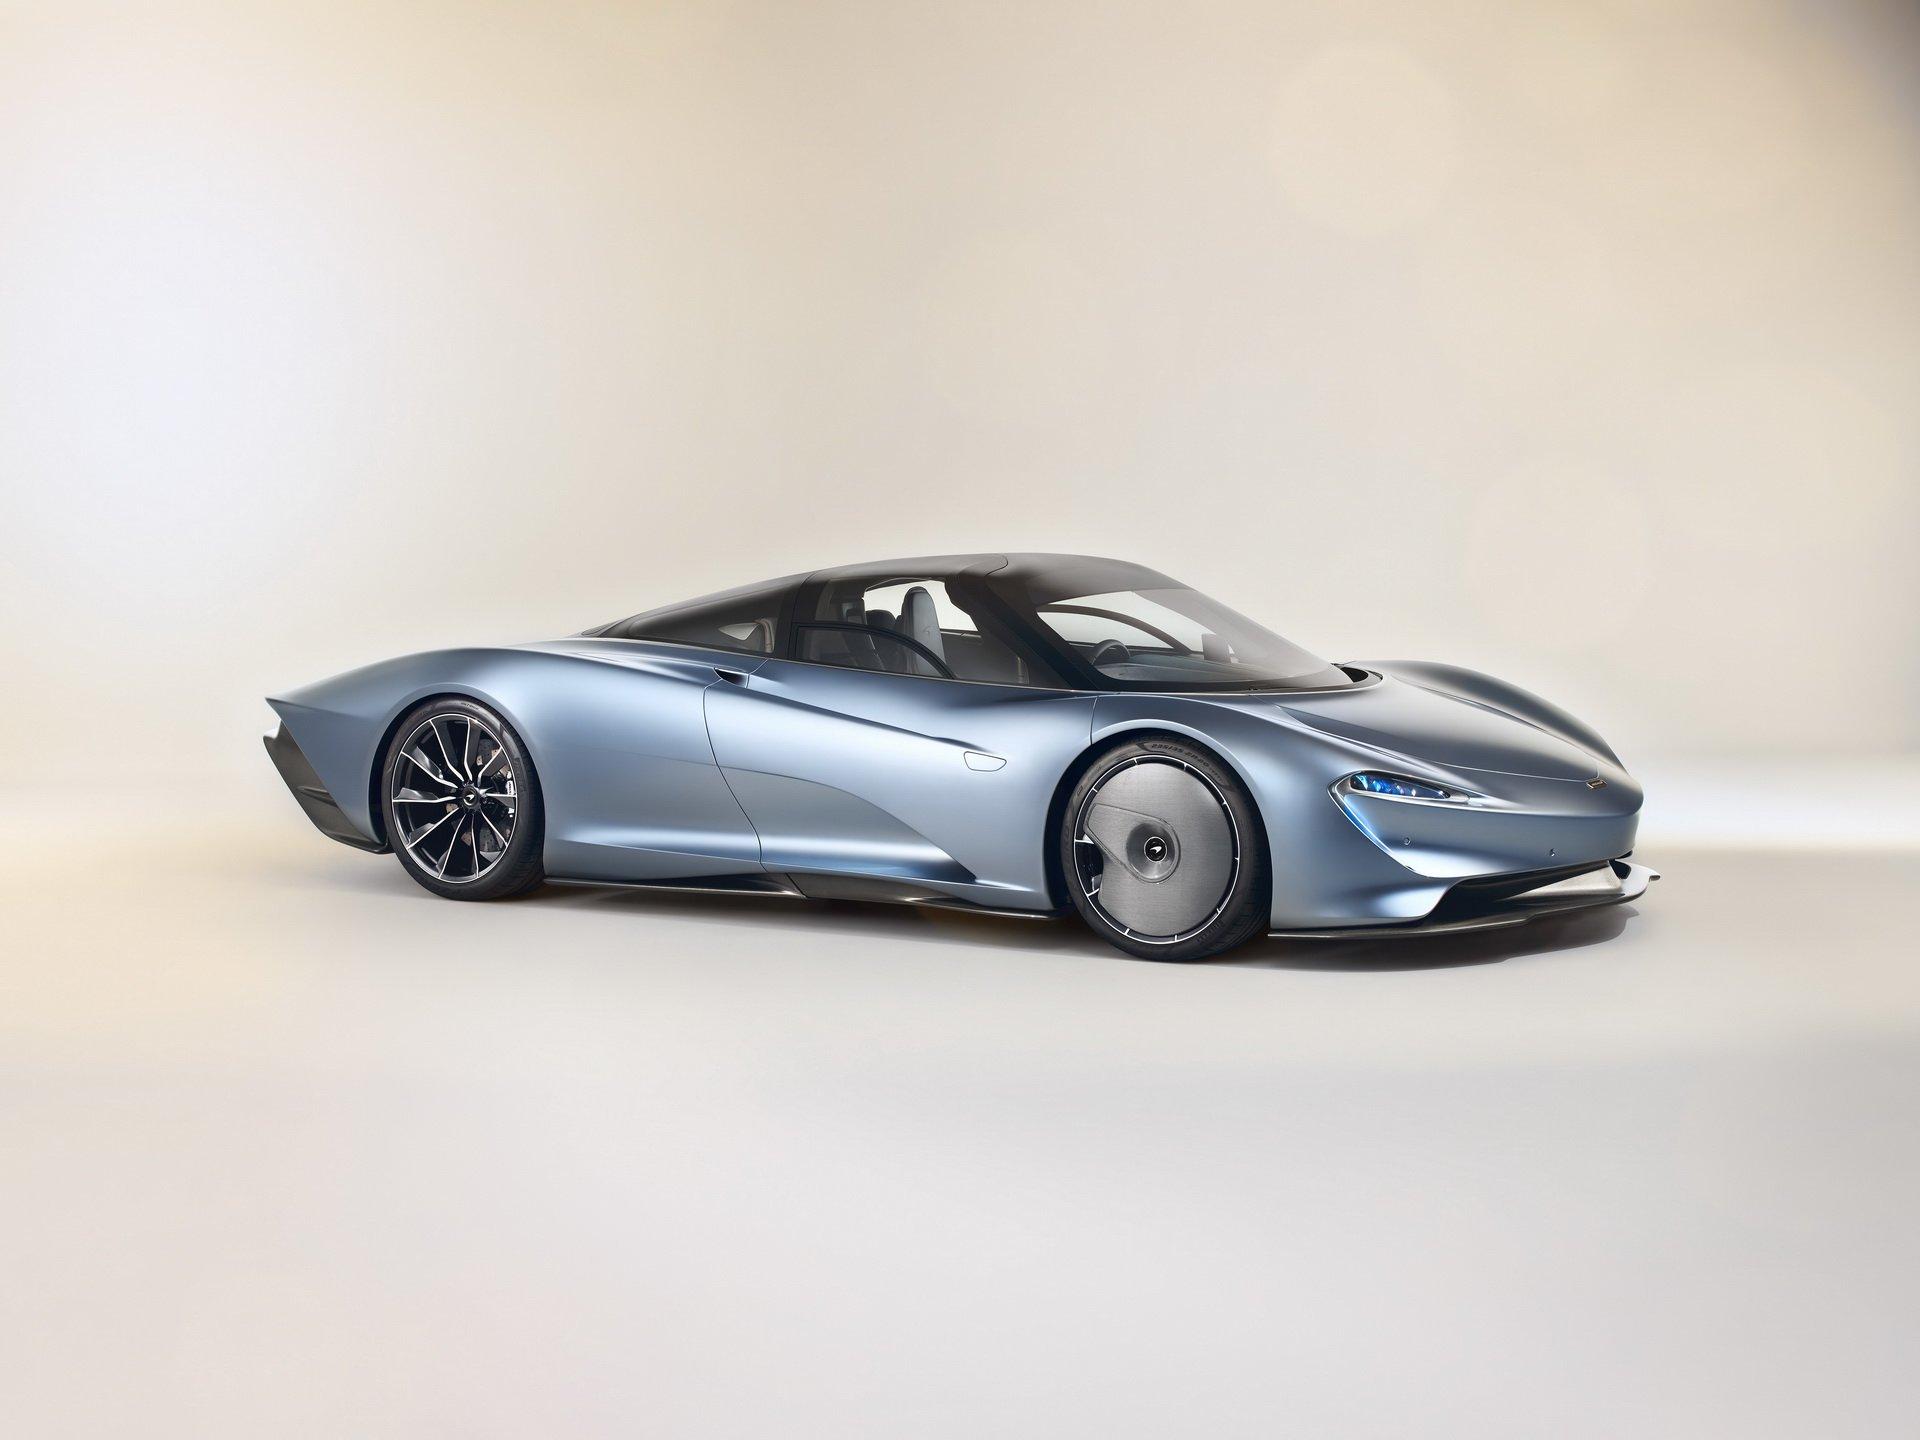 McLaren го претстави Speedtail, новиот модел предводник на брендот / ФОТО